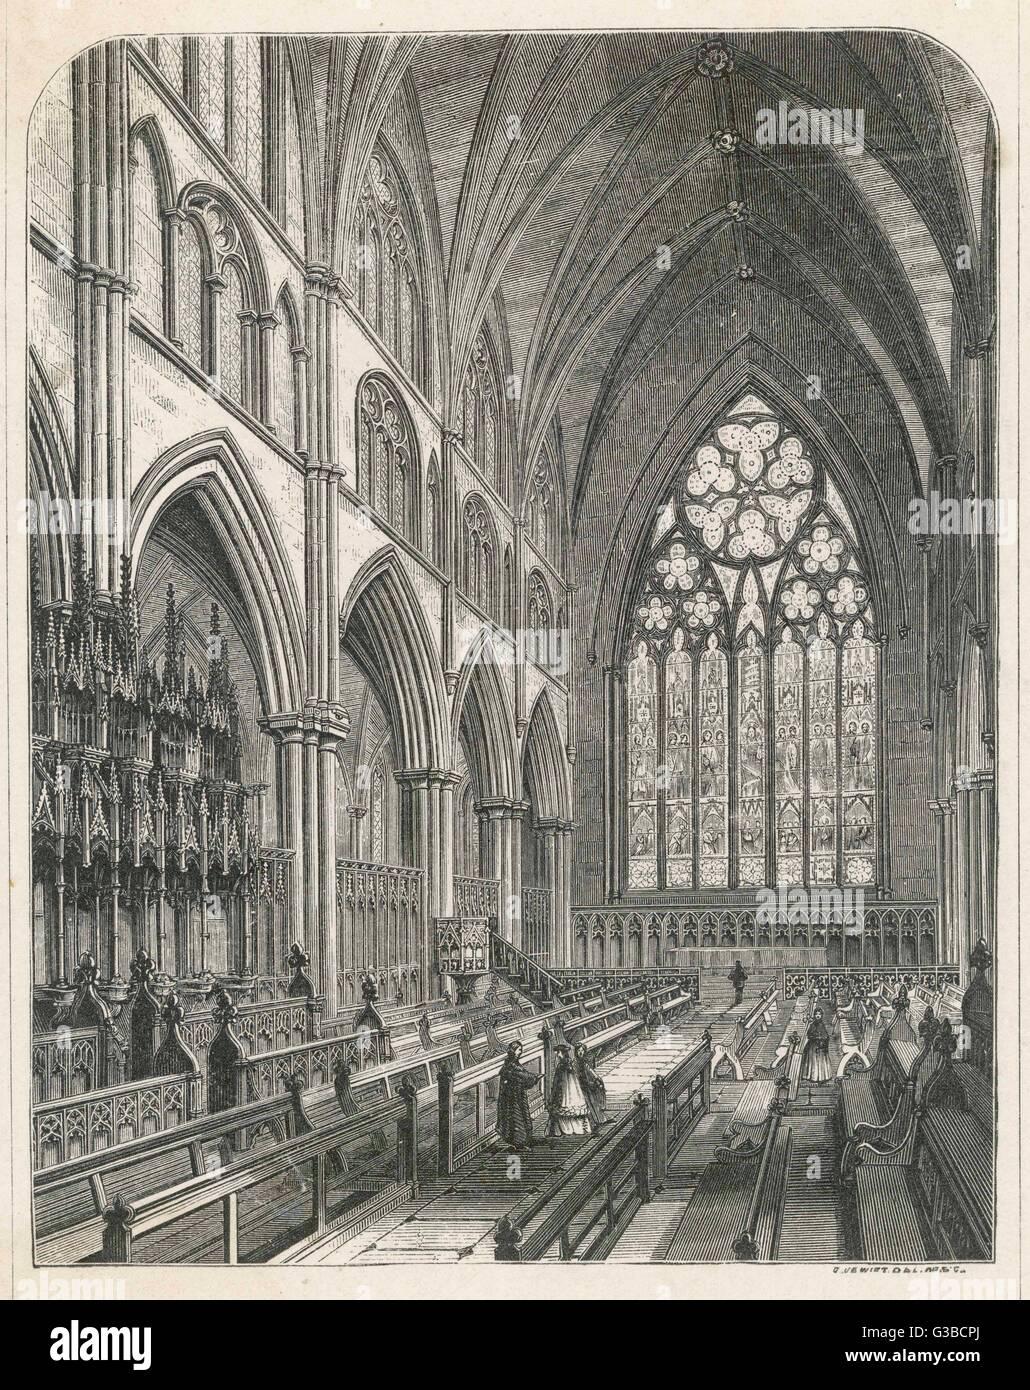 Il coro gotico si spegne nella cattedrale di Ripon Data: XIX secolo Immagini Stock